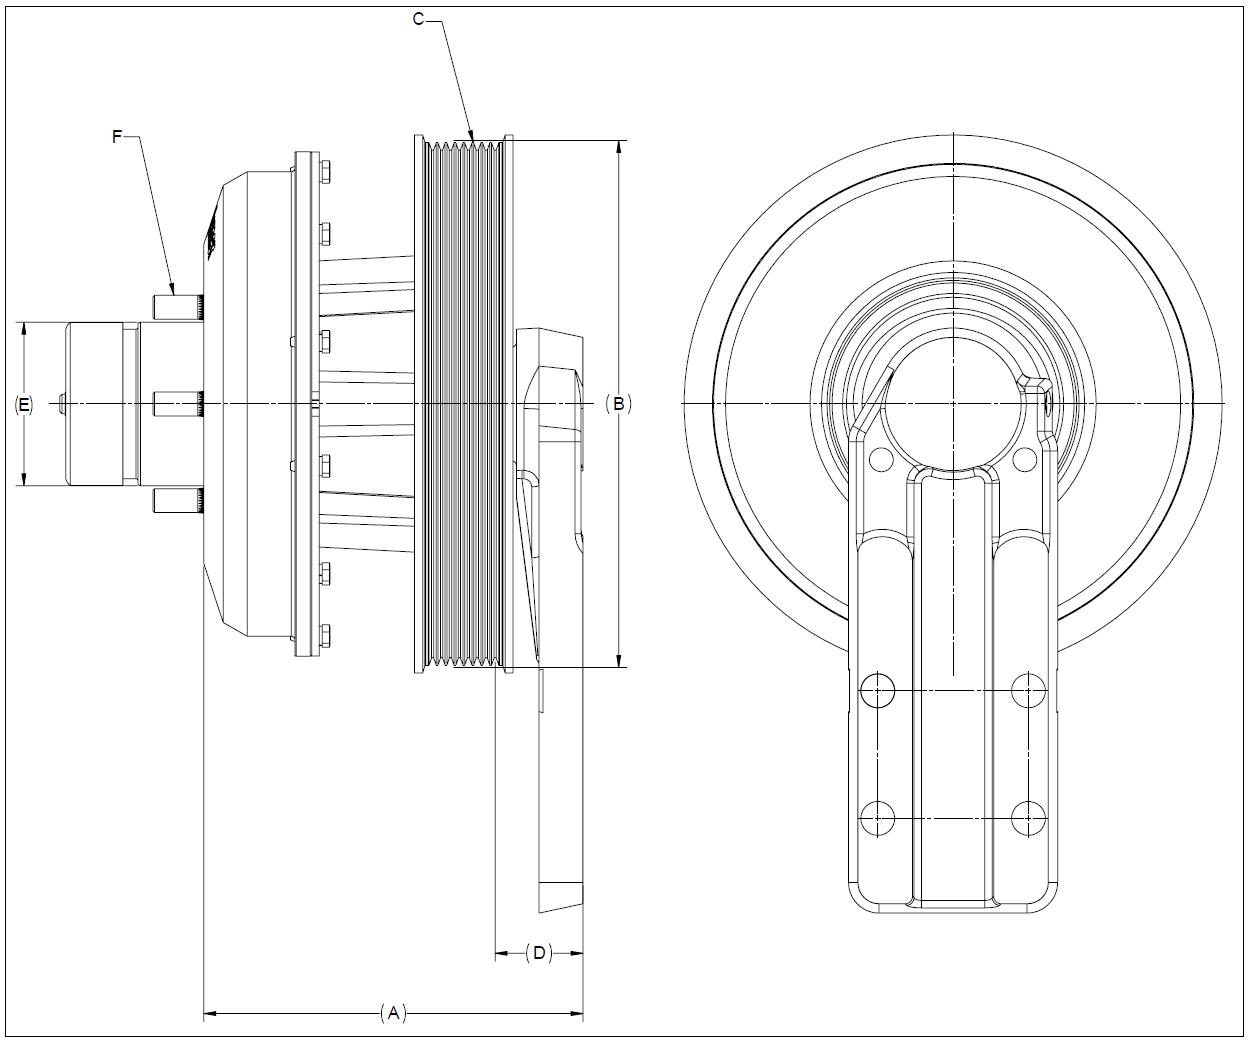 010020248 K26 Rear Air Fan Drive Assembly